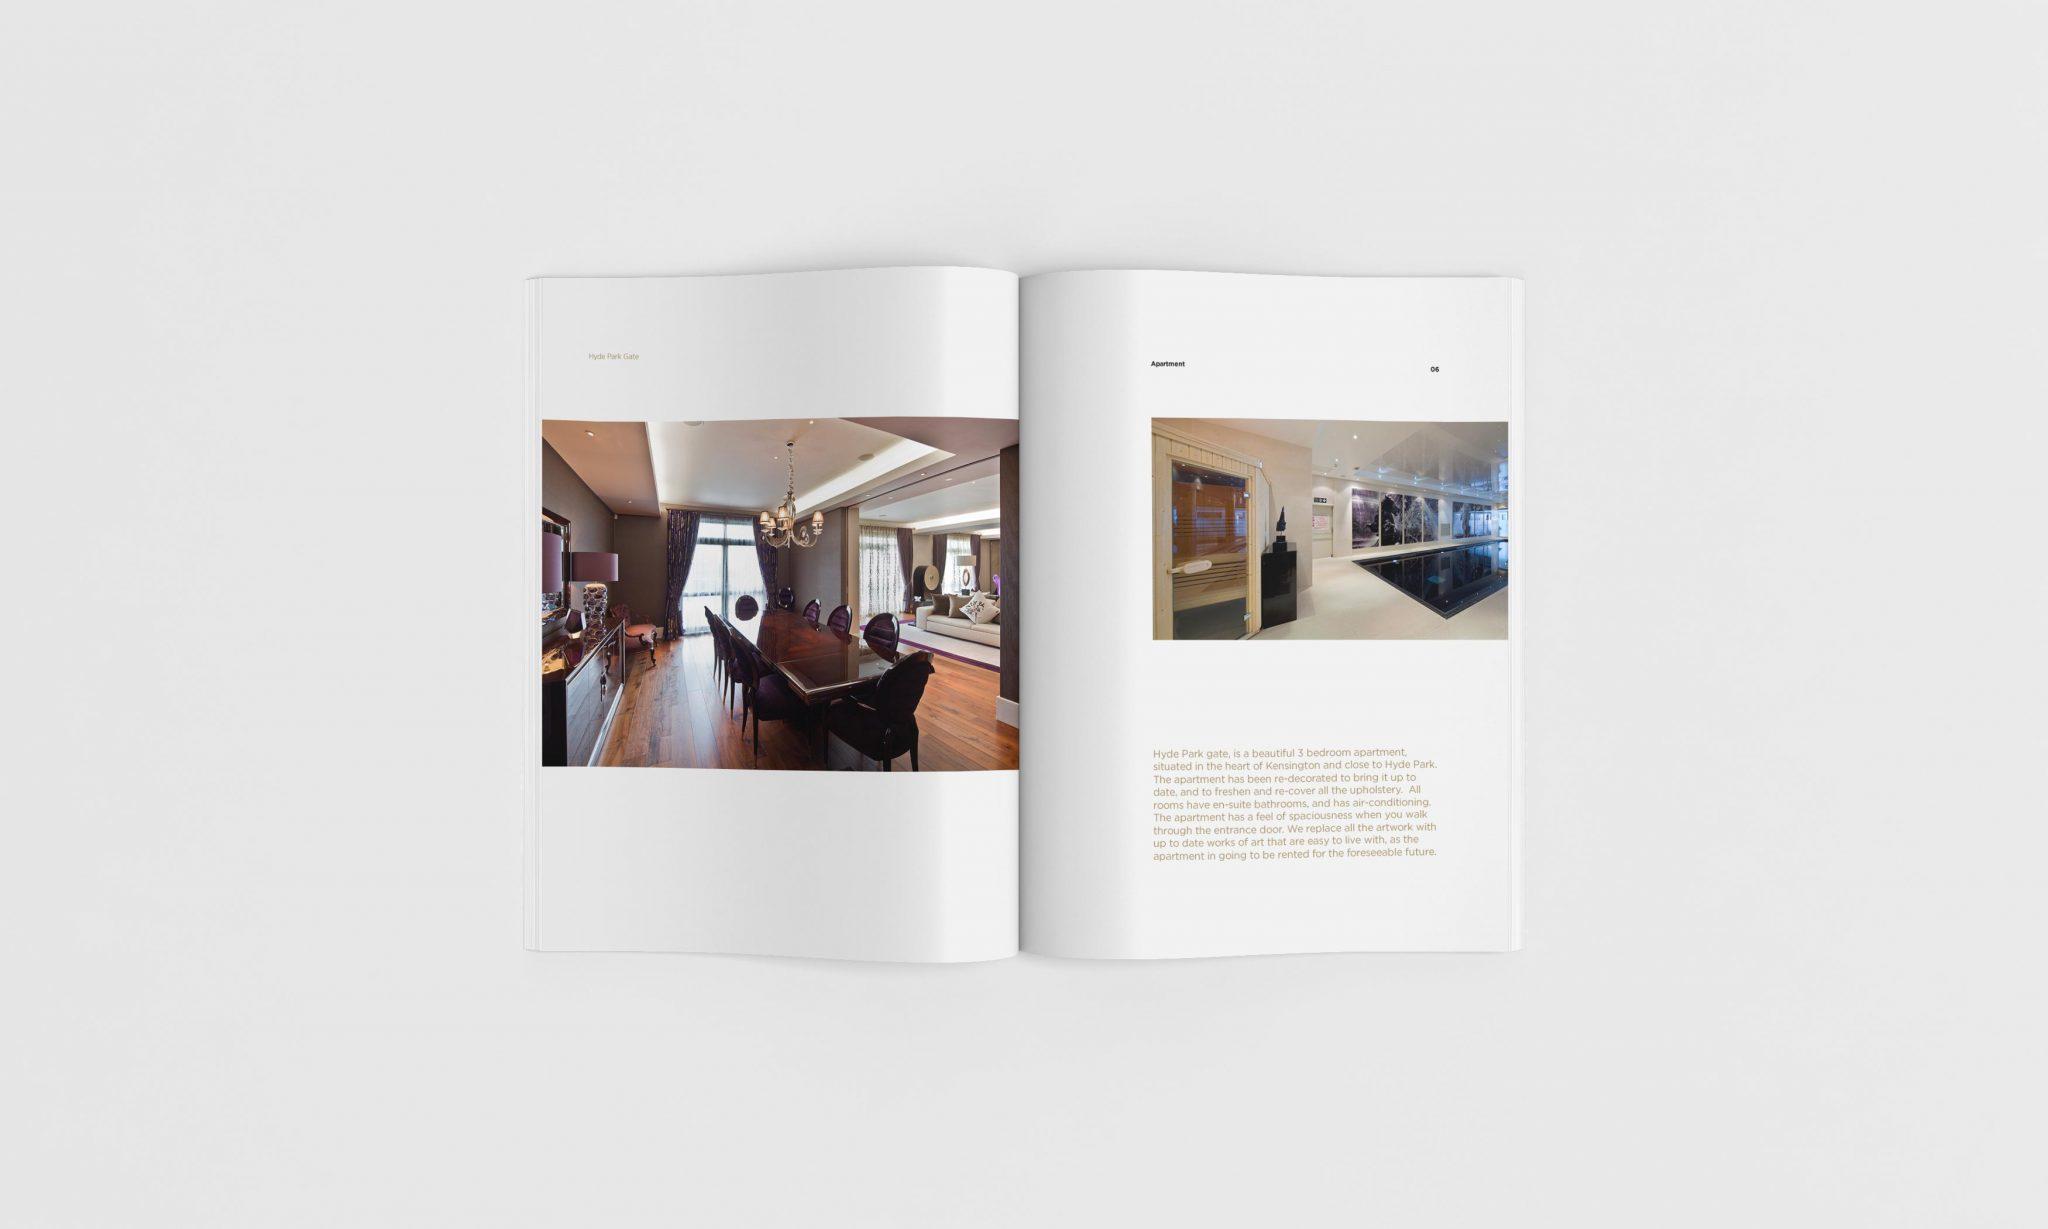 Eileen-Jonston-Interior-Design-Image-98